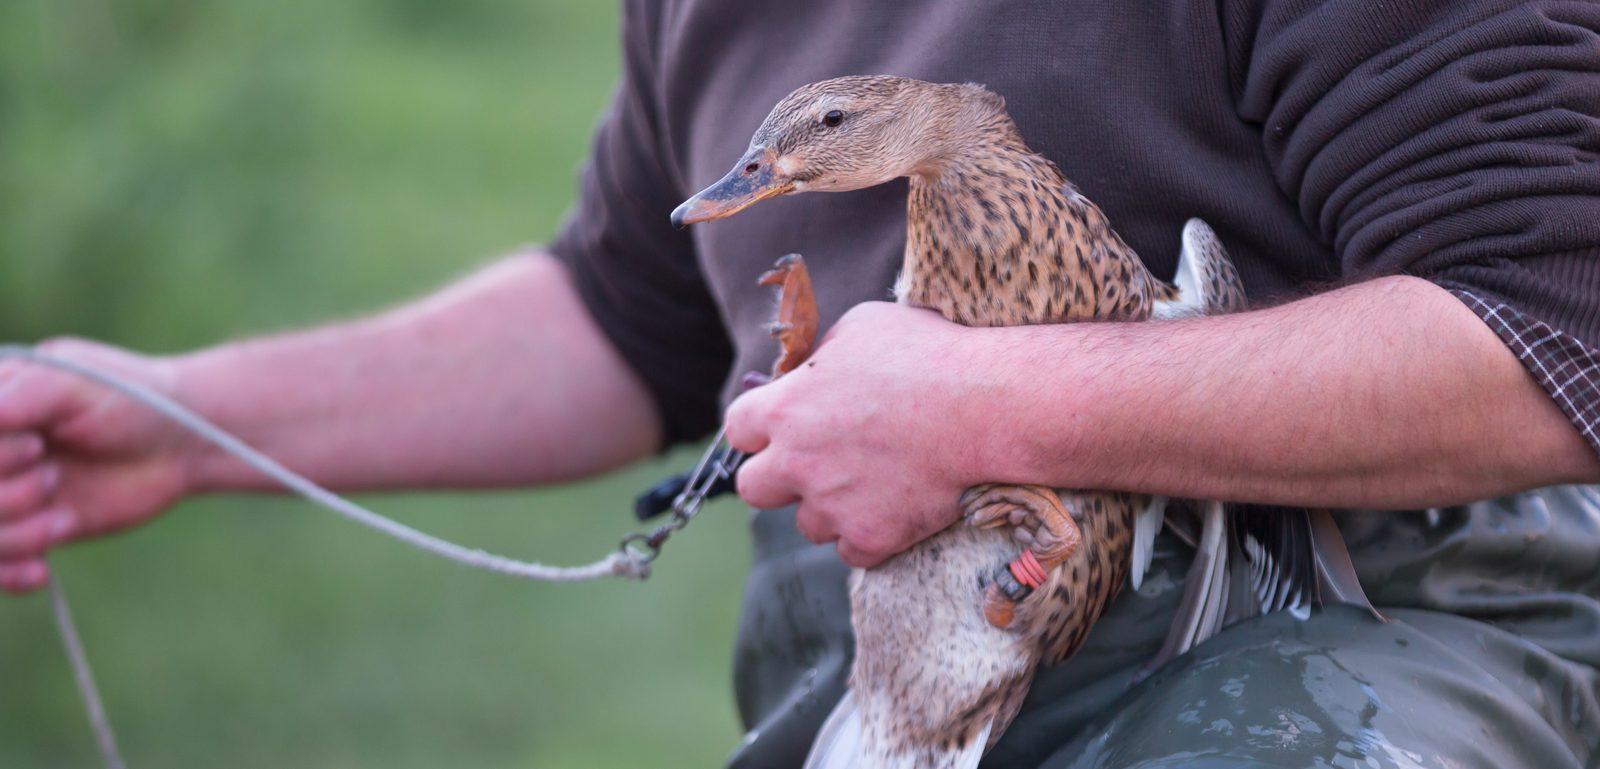 chasseur pose un appelant sur une canne